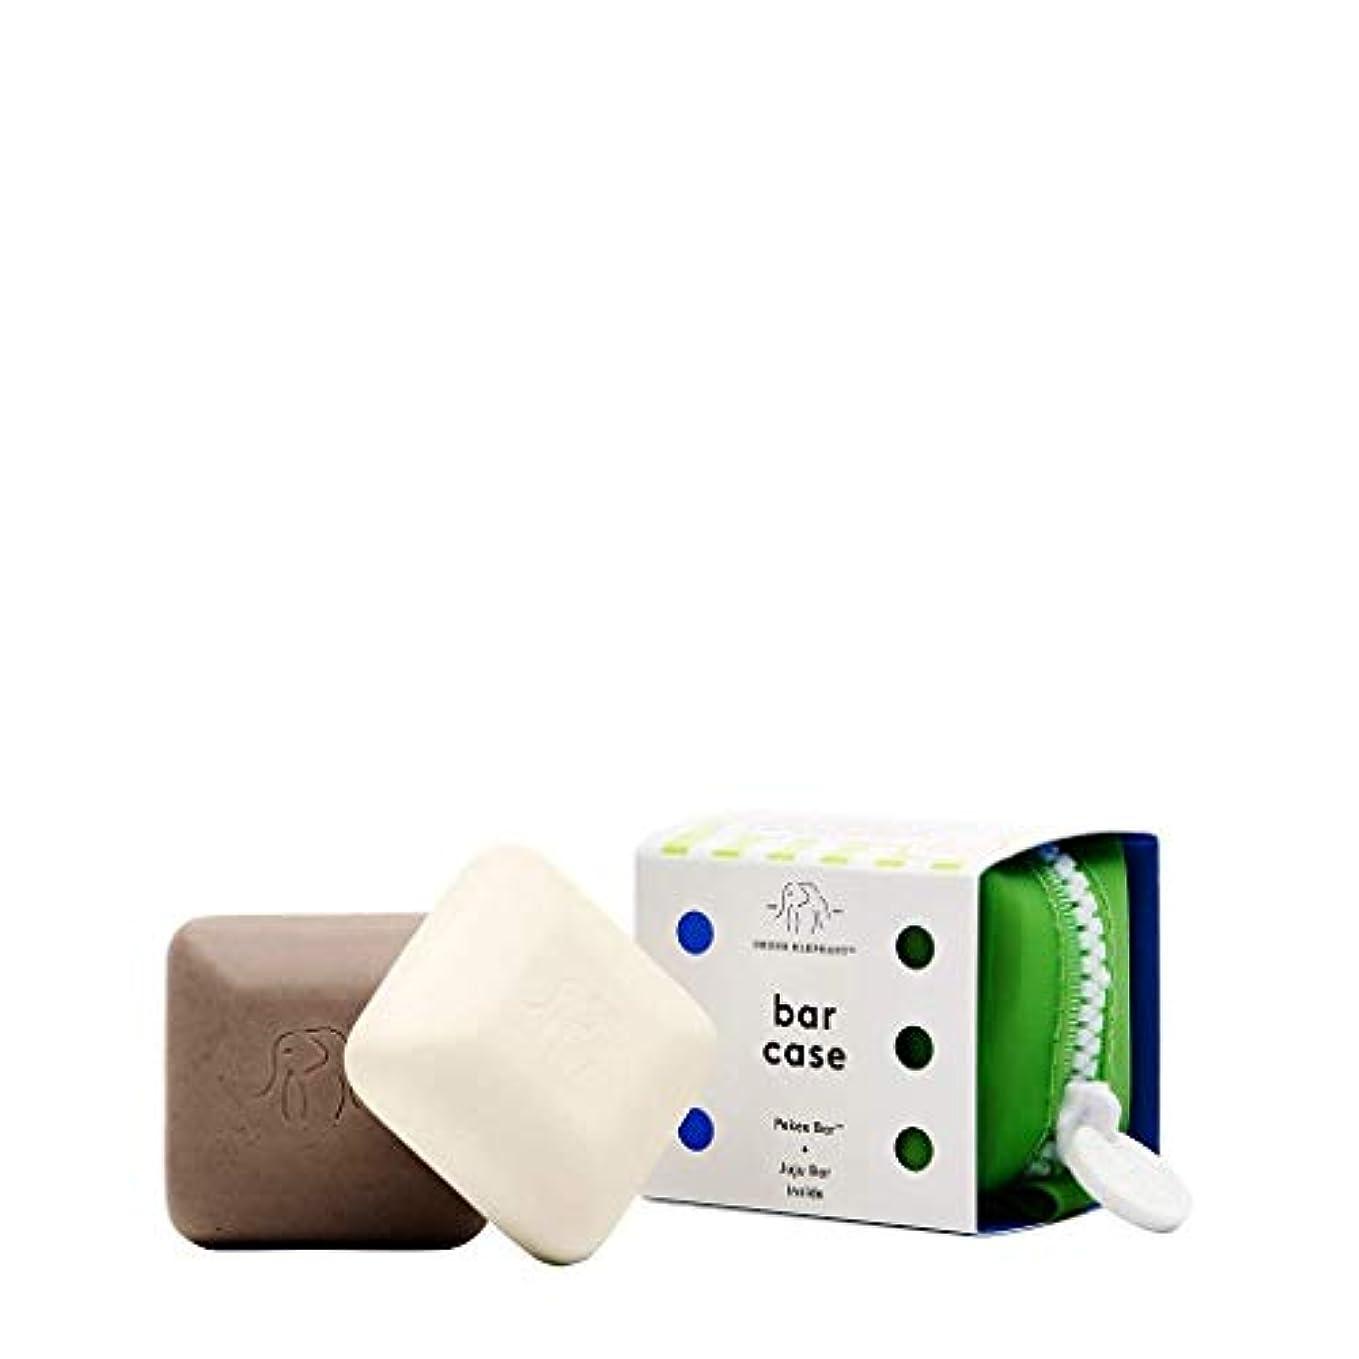 演劇勇気伝記DRUNK ELEPHANT Baby Bar Travel Duo(2 x 30g) ドランクエレファントミニ洗顔石鹸セット